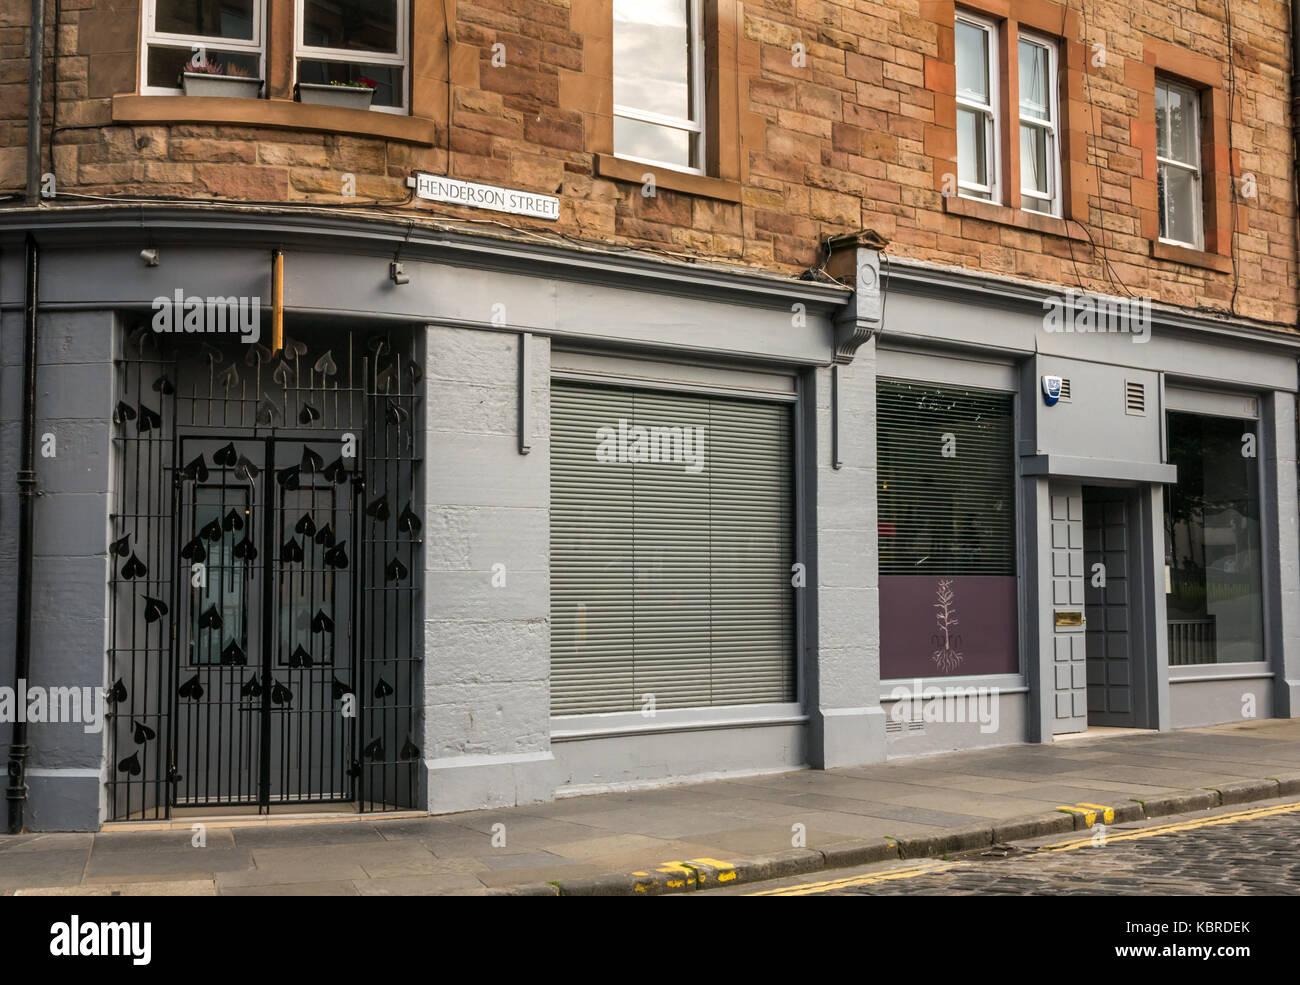 Fassade der feinen Küche leith Restaurant norn in Henderson Street, Edinburgh, Schottland, Großbritannien Stockbild